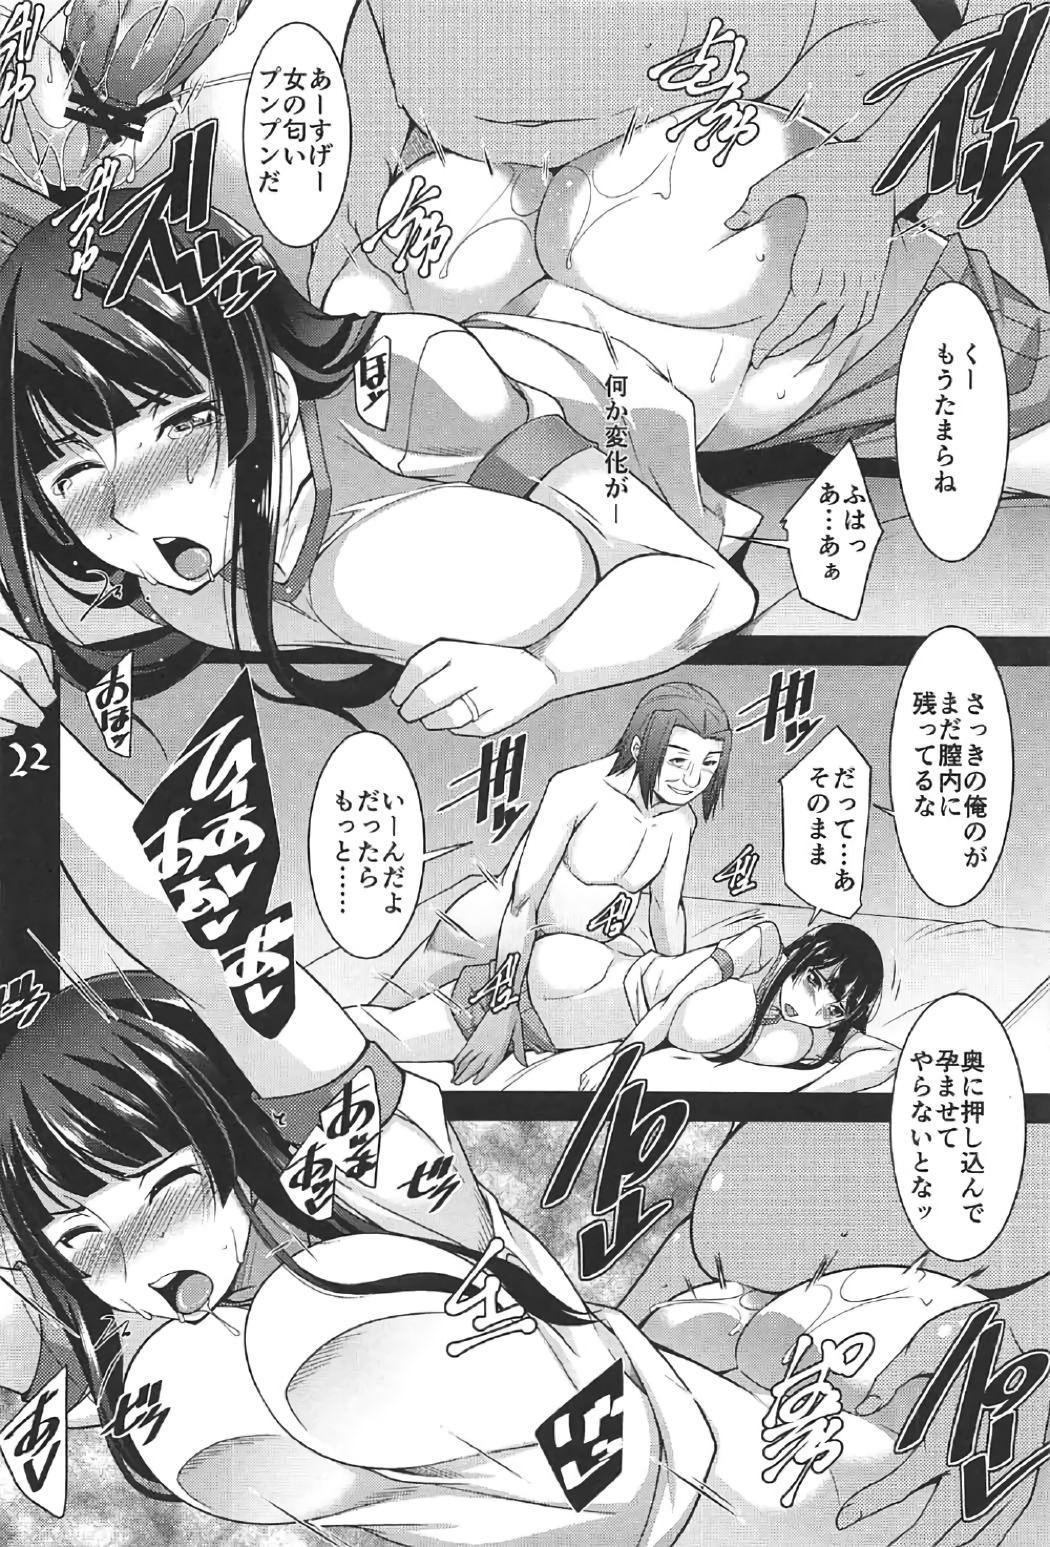 Hitozuma-tachi no Gogo Senshazuma Hen 2nd 20